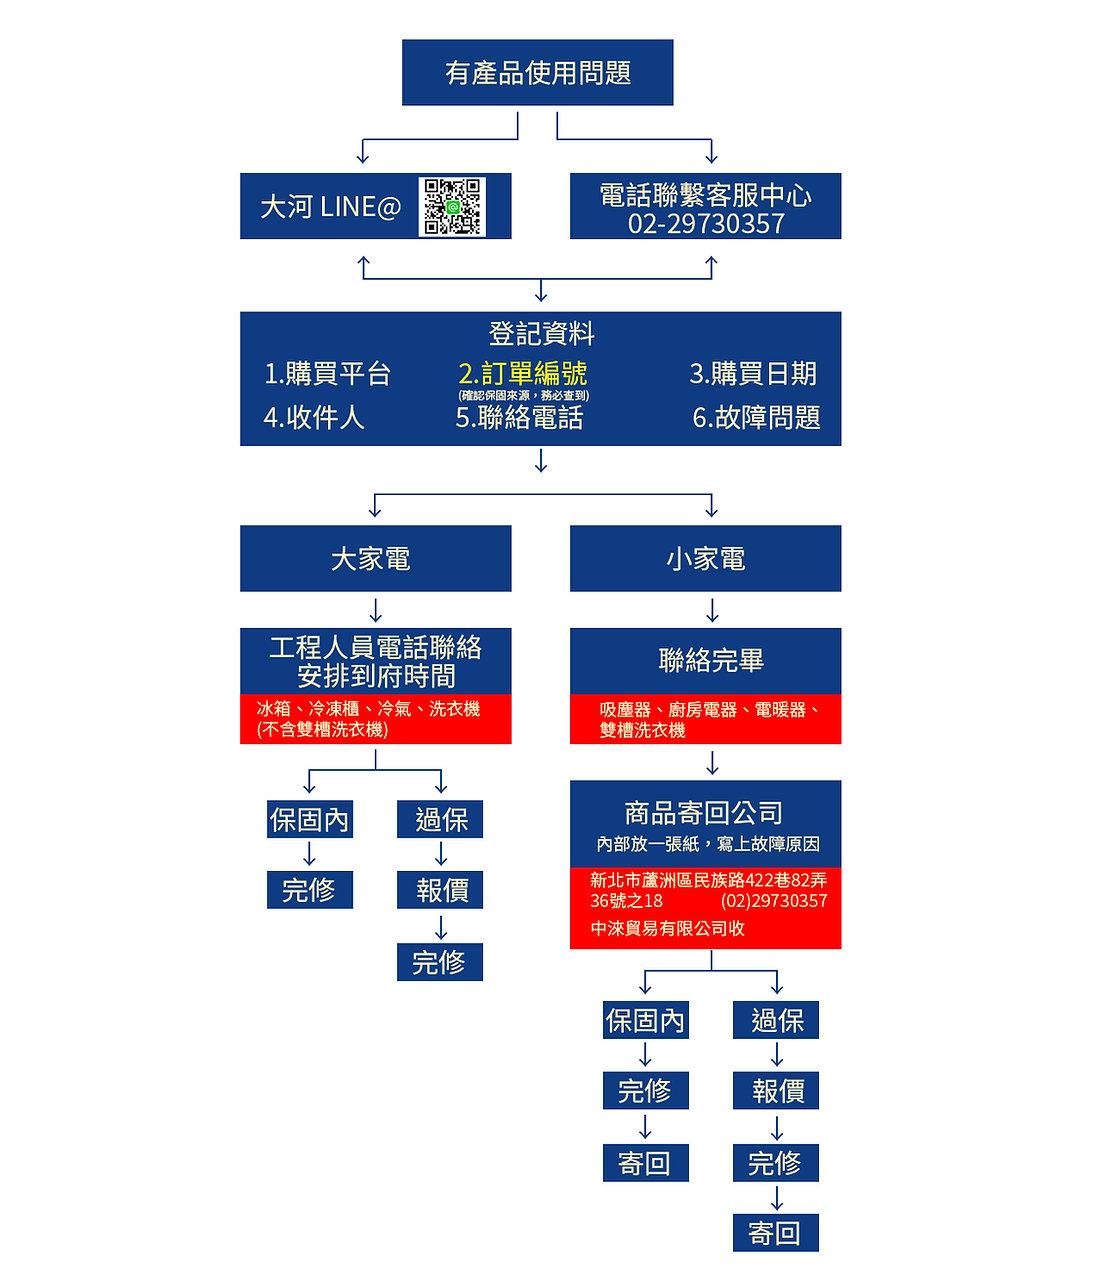 報修流程.jpg